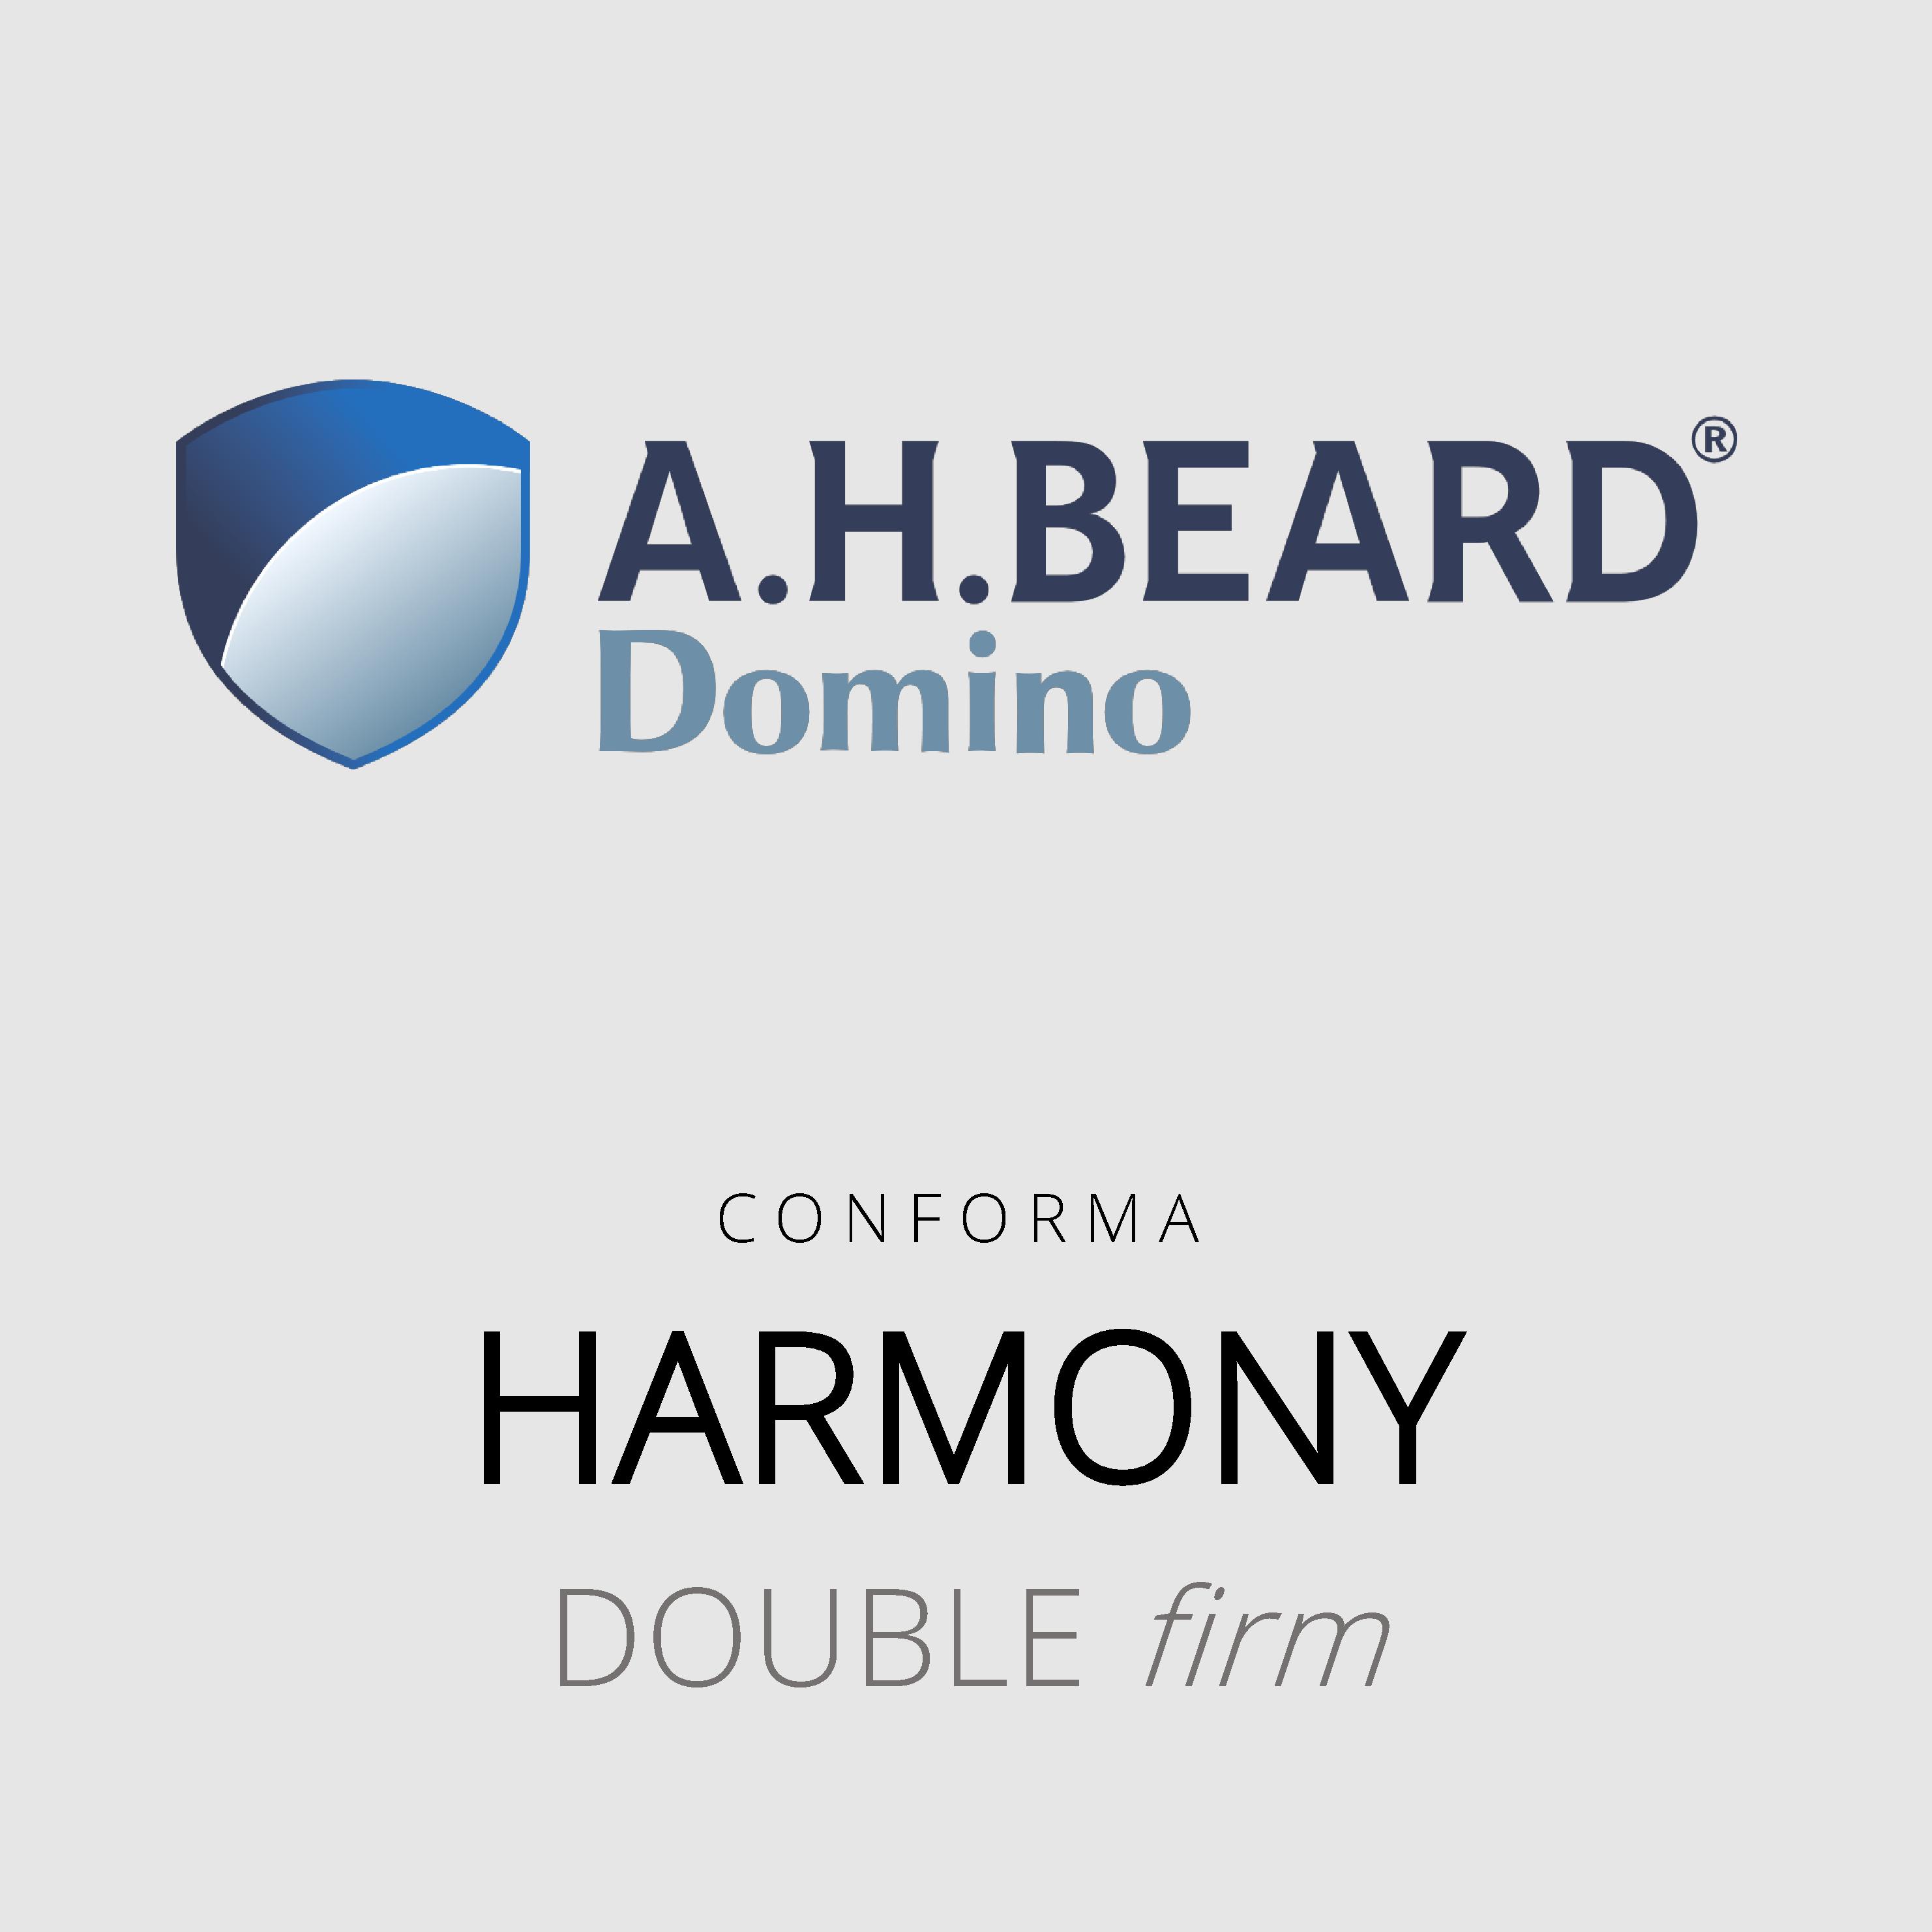 AH Beard Domino – Harmony – Conforma – Double Firm Mattress